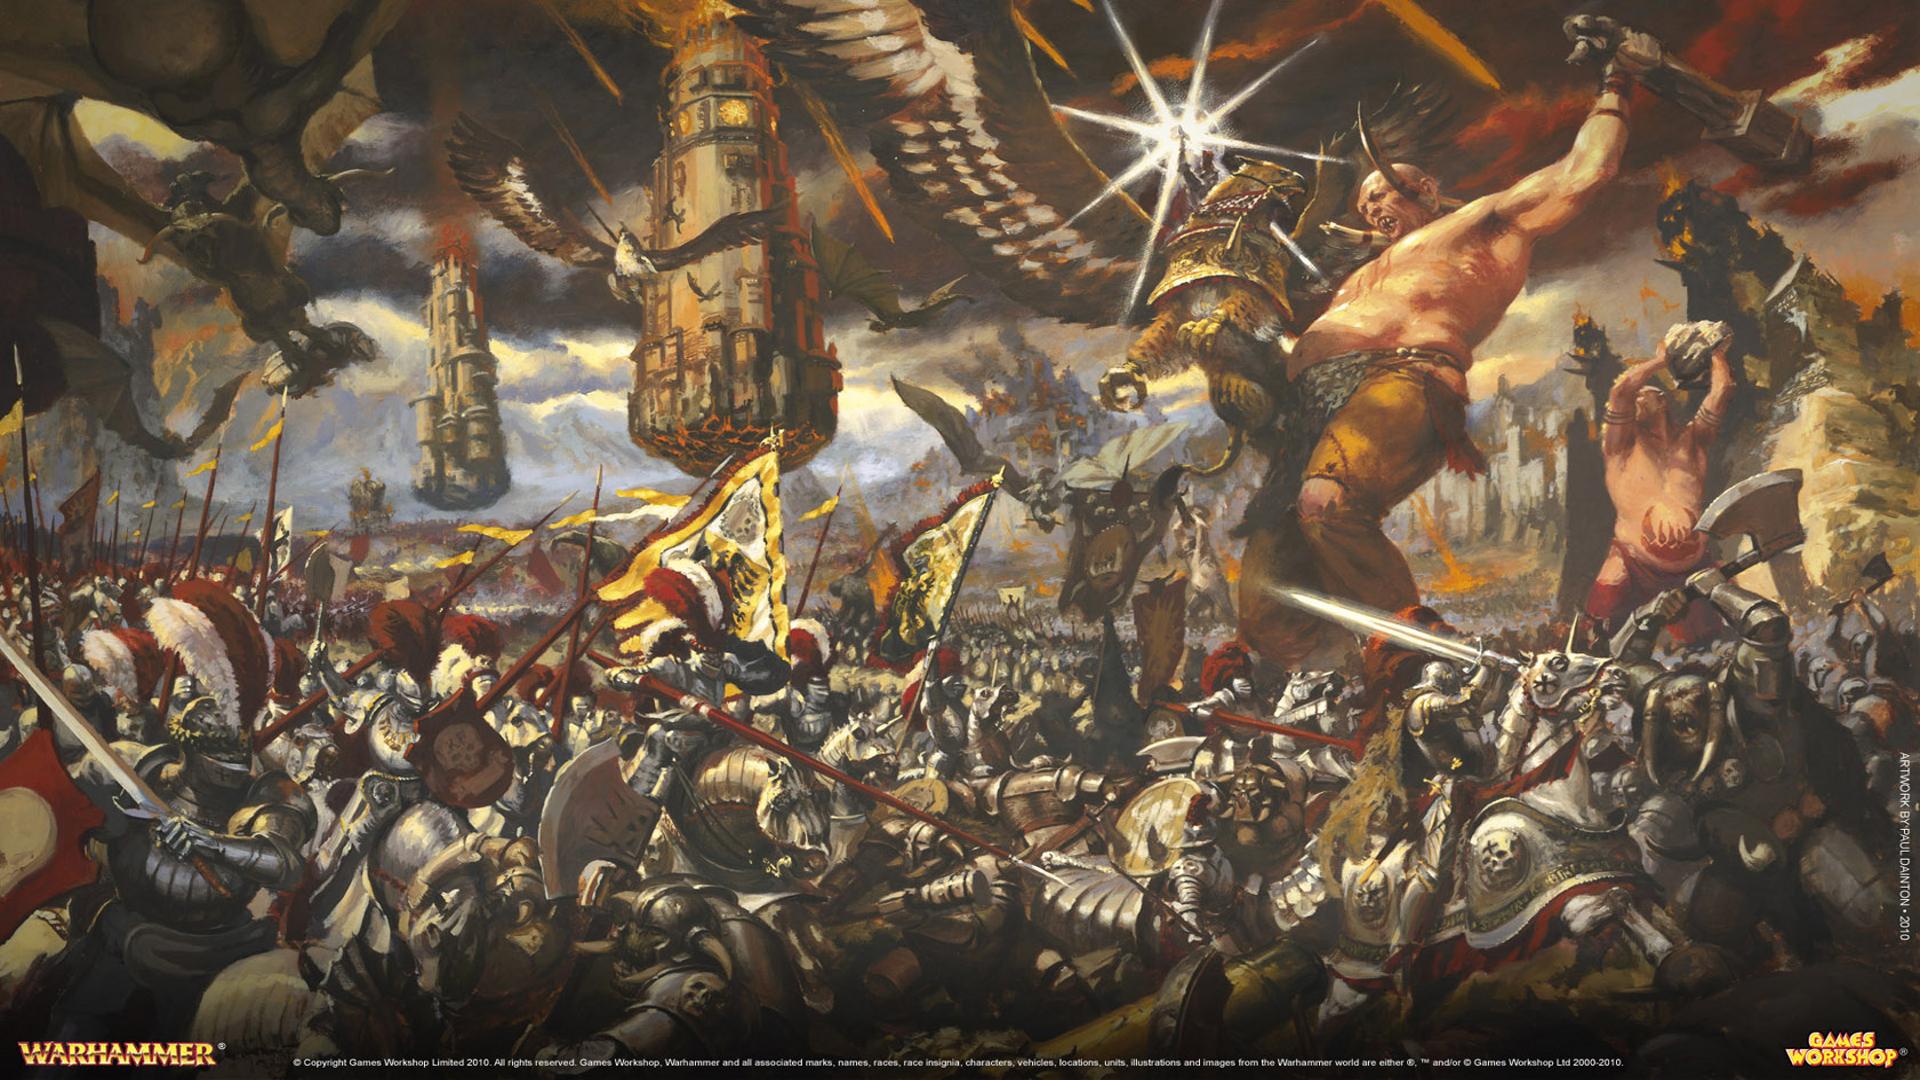 Karl Franz Warhammer Wiki Fandom